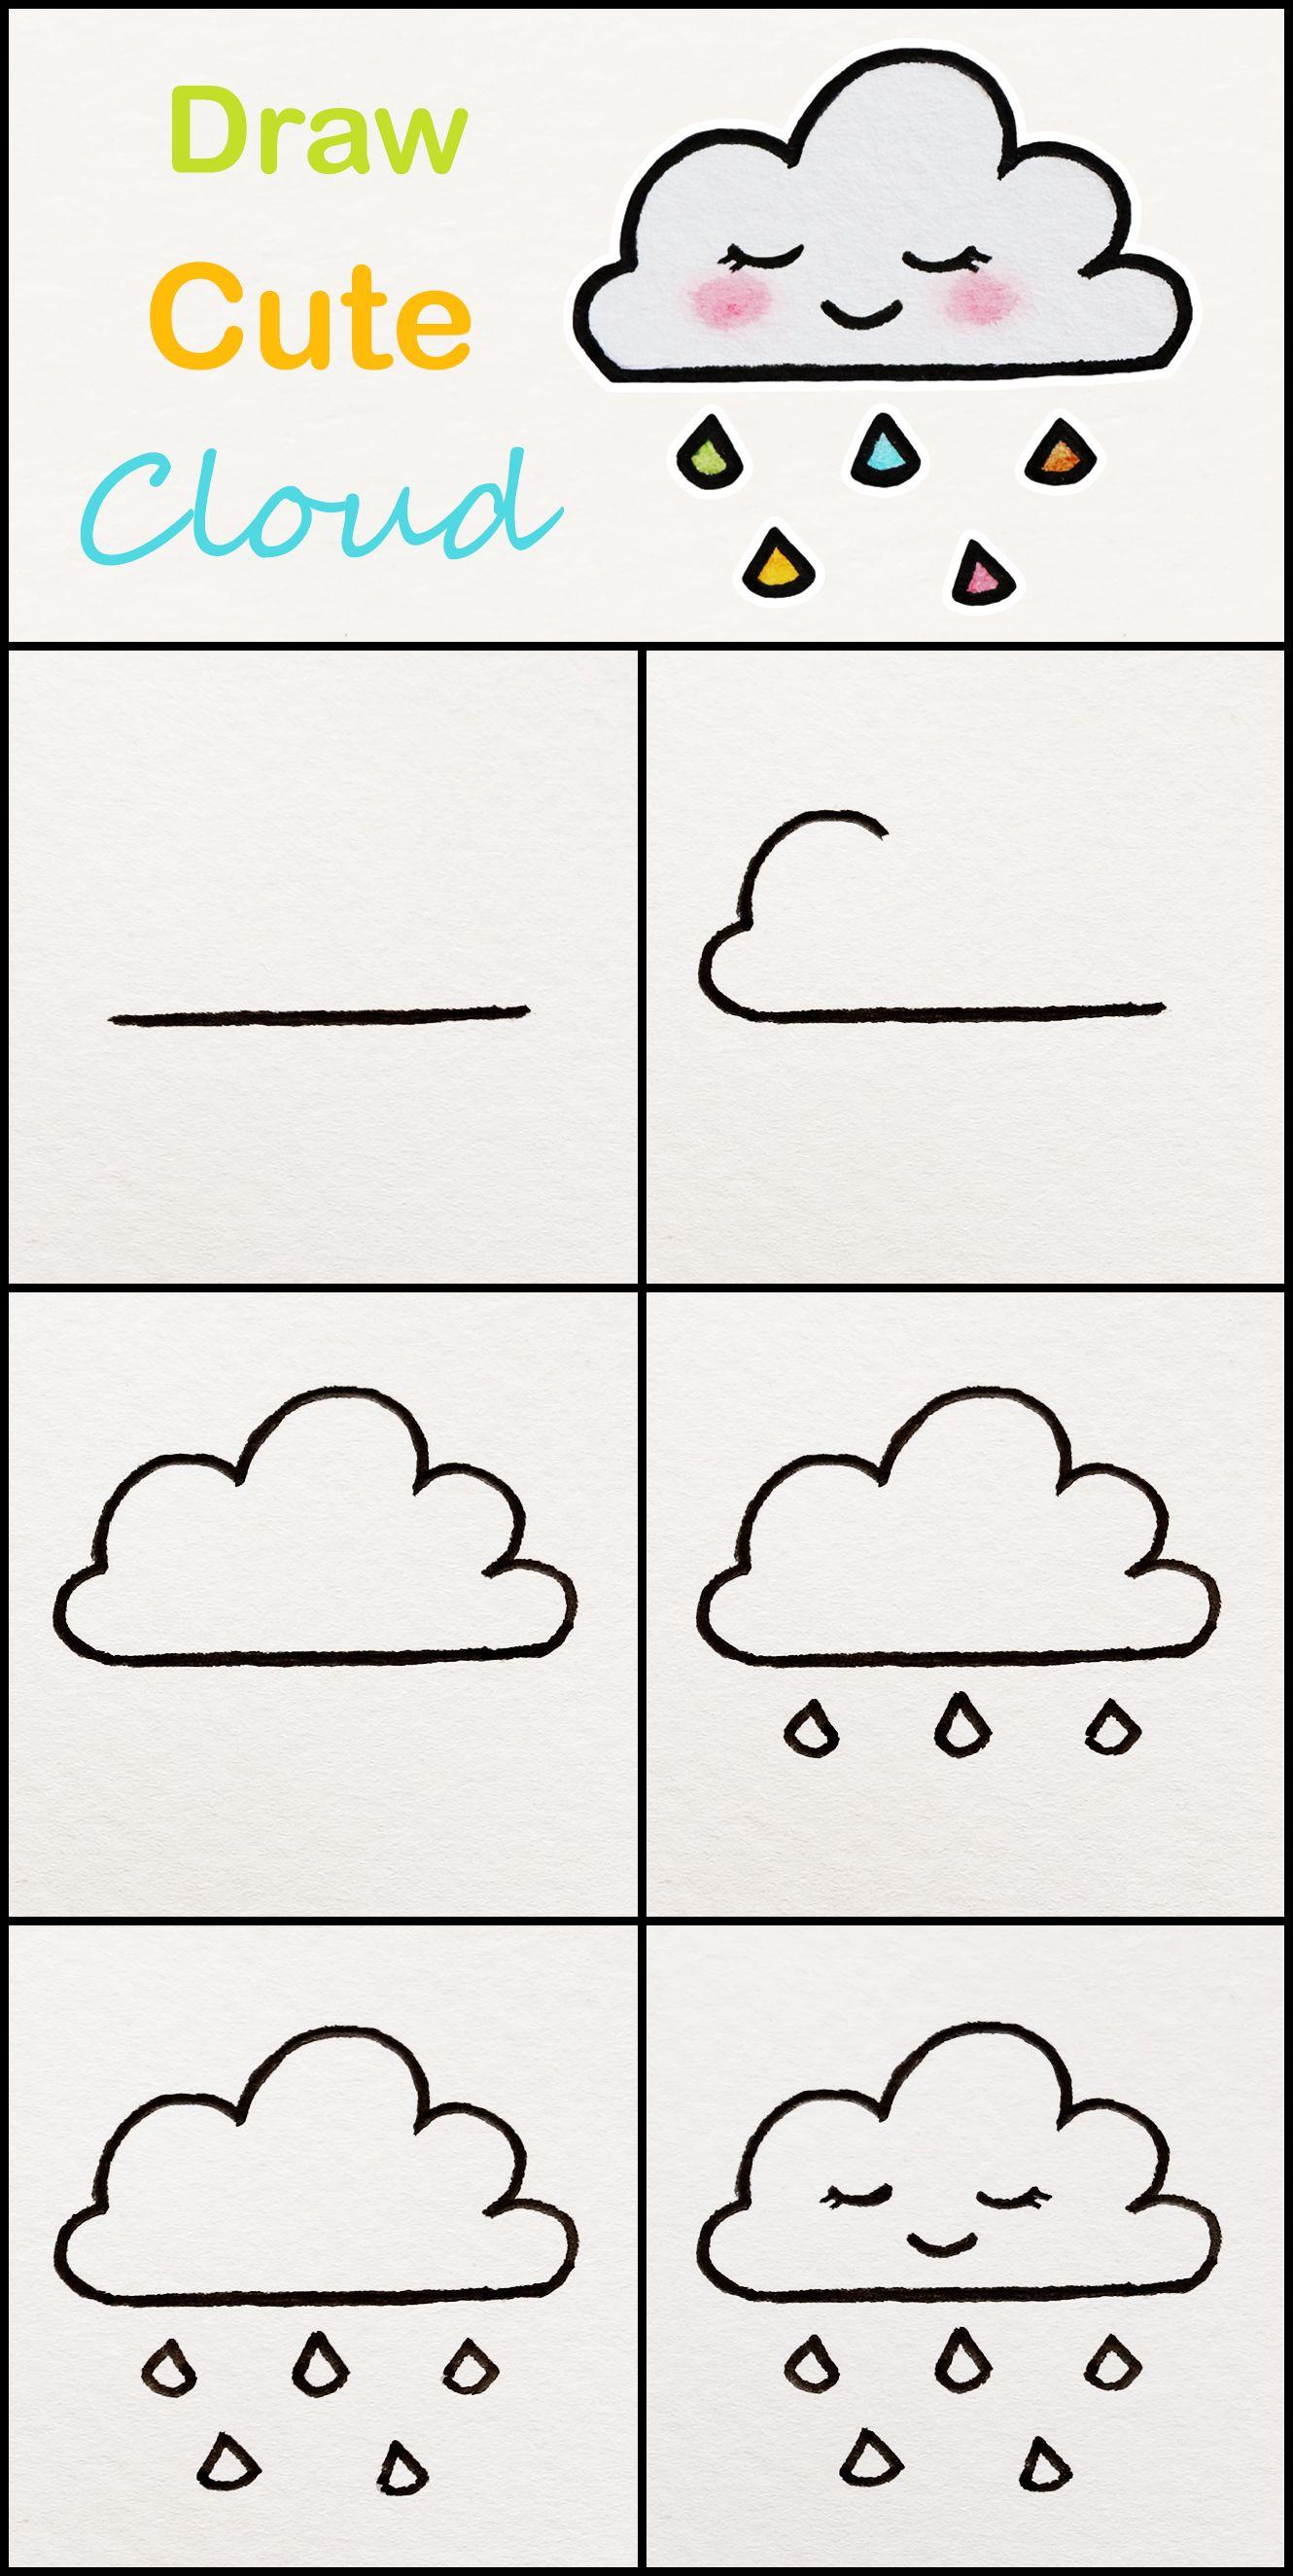 Cloud Drawing Easy : cloud, drawing, Learn, Cloud, Simple, Tutorial, #cloud, Drawings, #kawaii, #t…, Drawings,, Kids,, Beginners